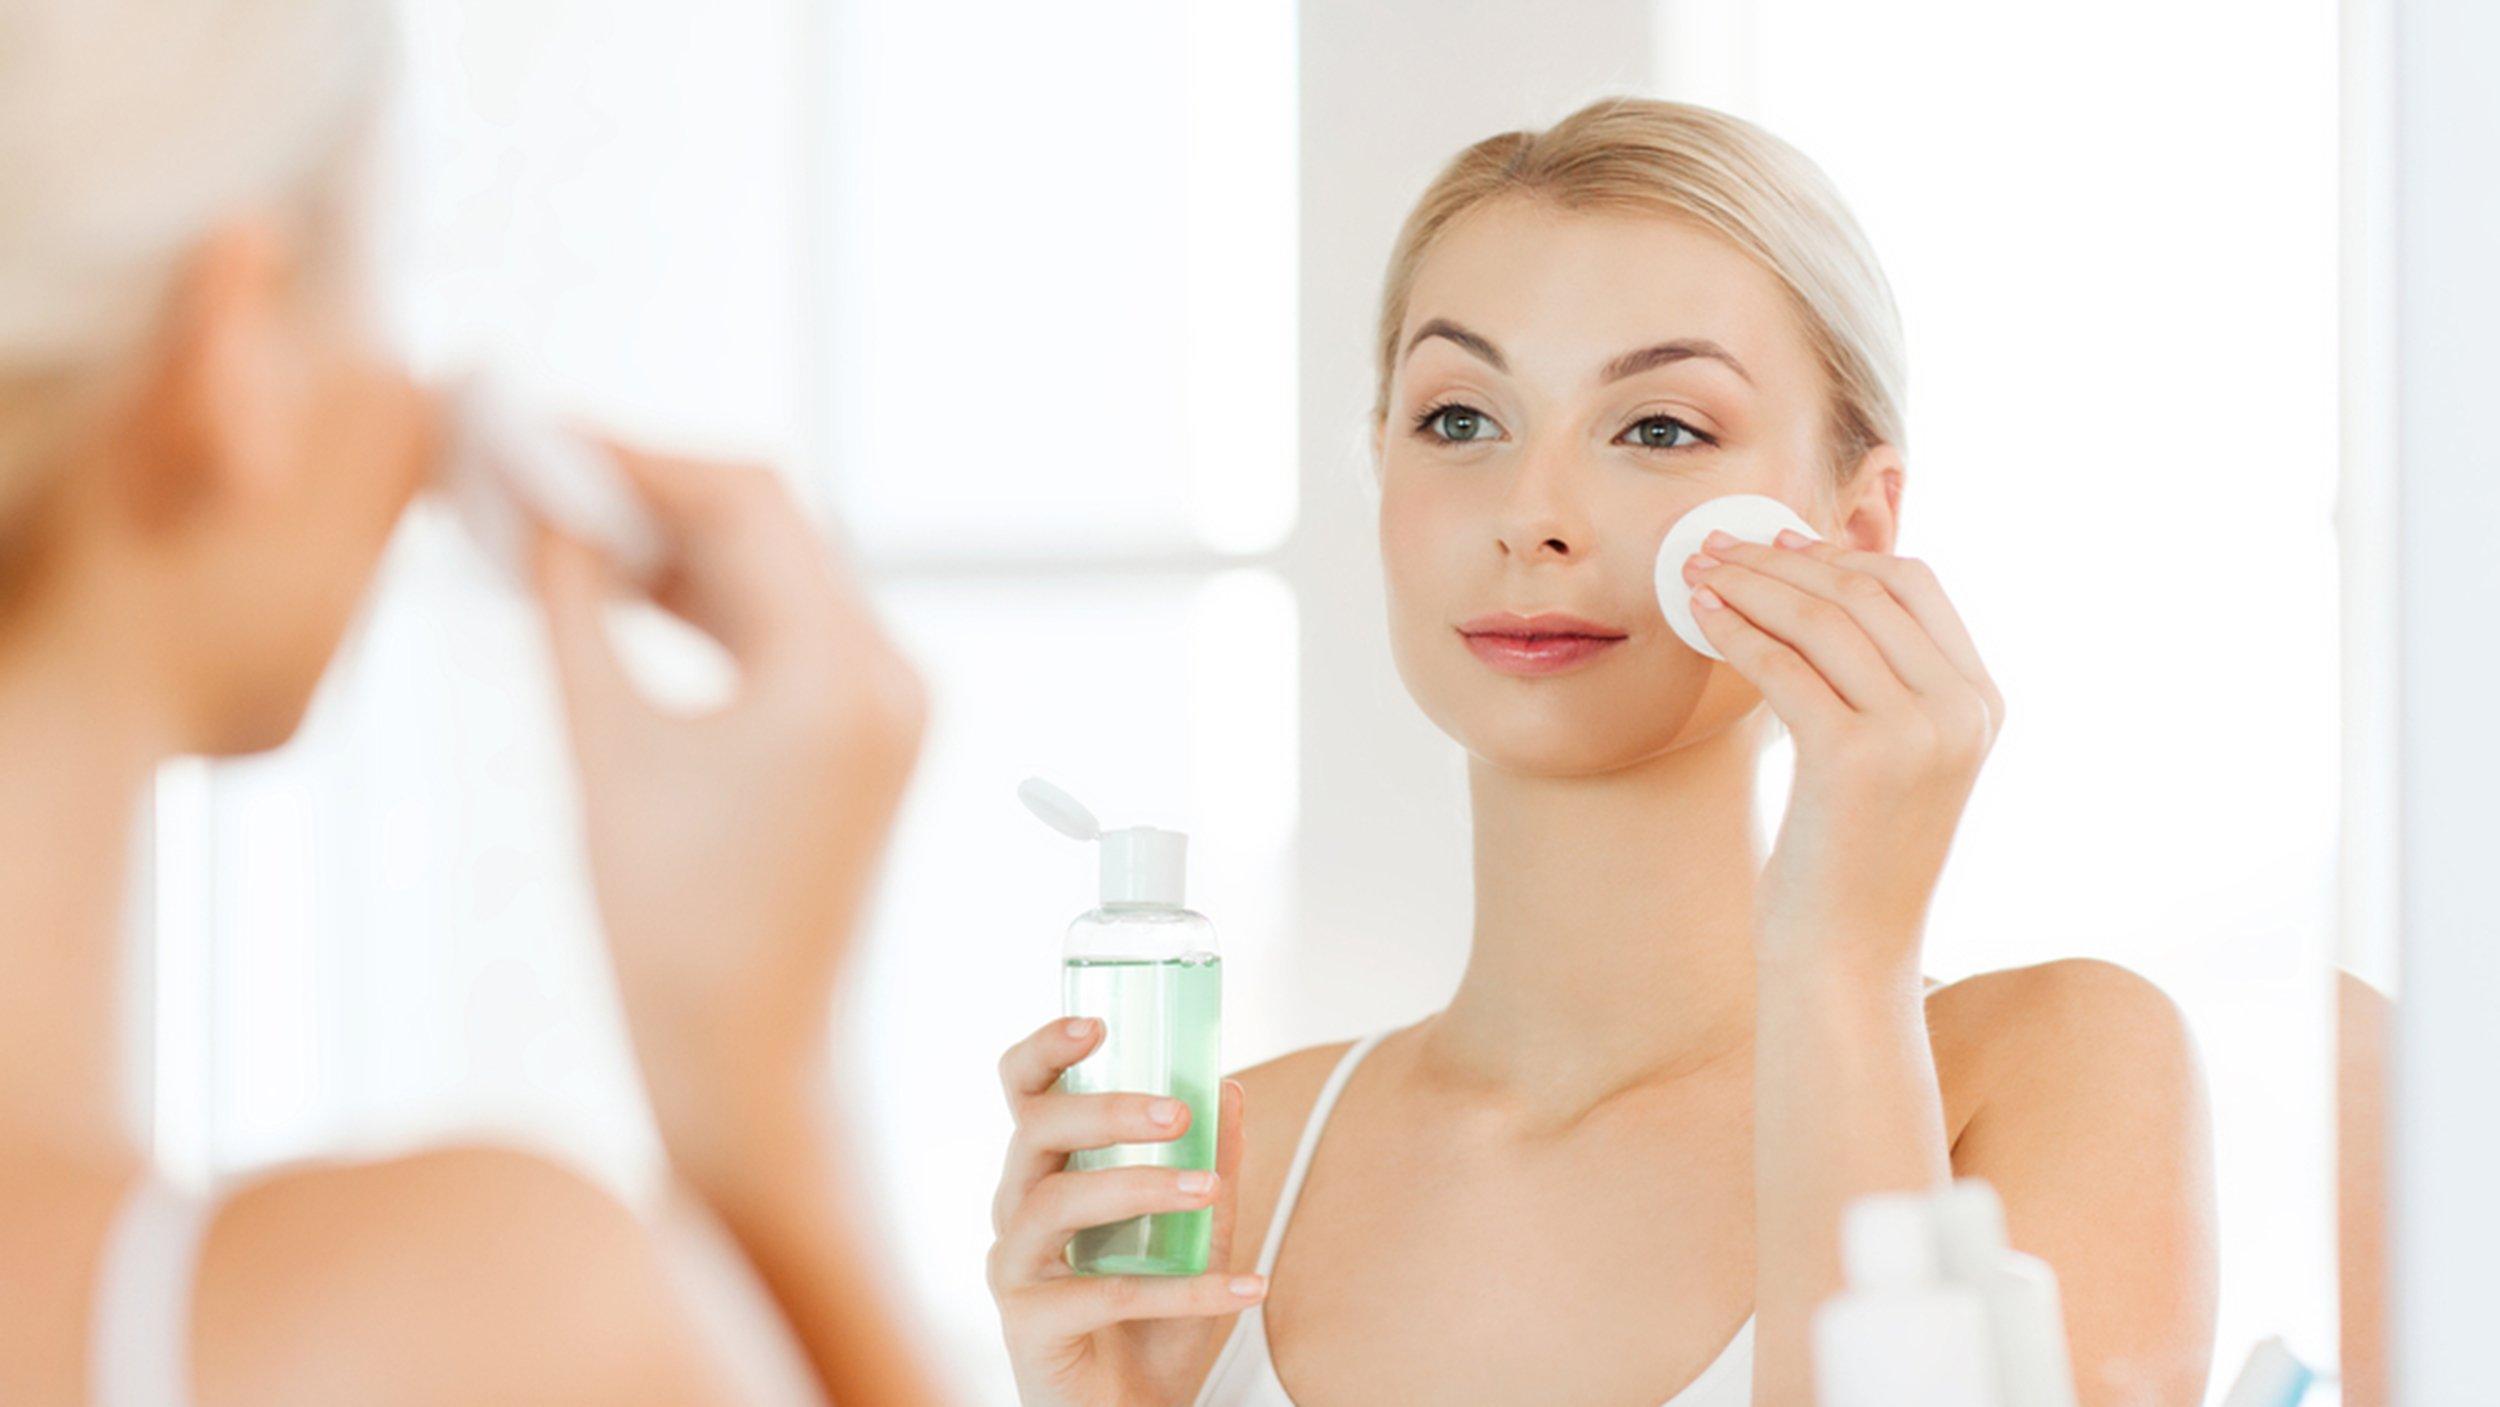 Kebanyakan orang membersihkan makeup dari kulit mereka dengan hanya menggunakan sabun cuci muka